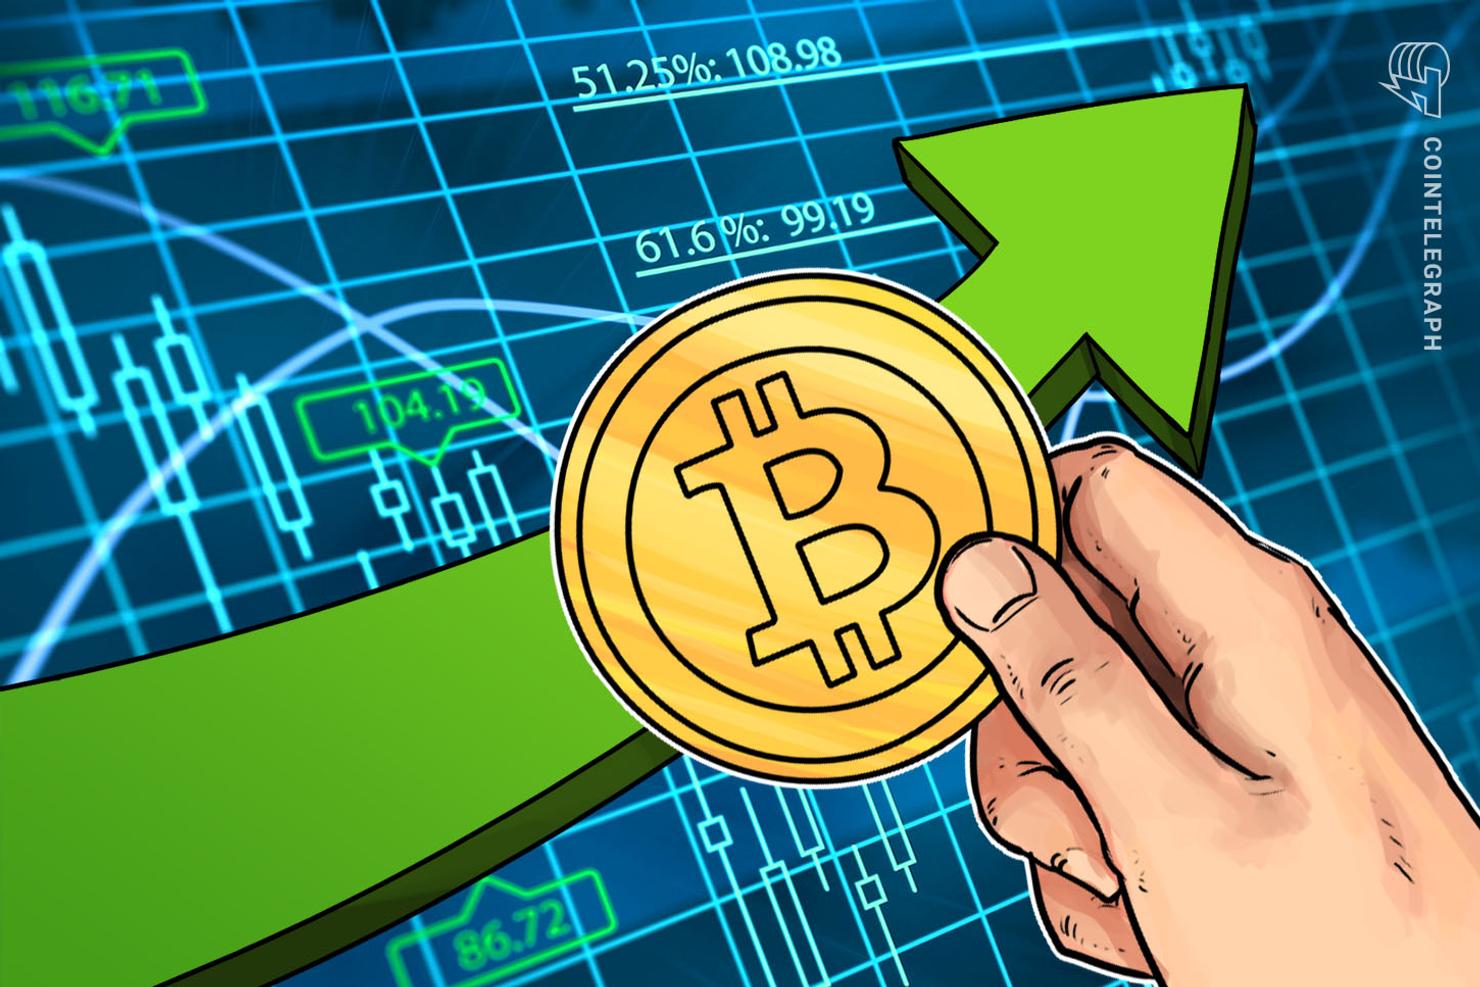 El precio de Bitcoin sube un 5.5% y superó brevemente los USD 8,000 ¿Serán los USD 8,200 la próxima parada?